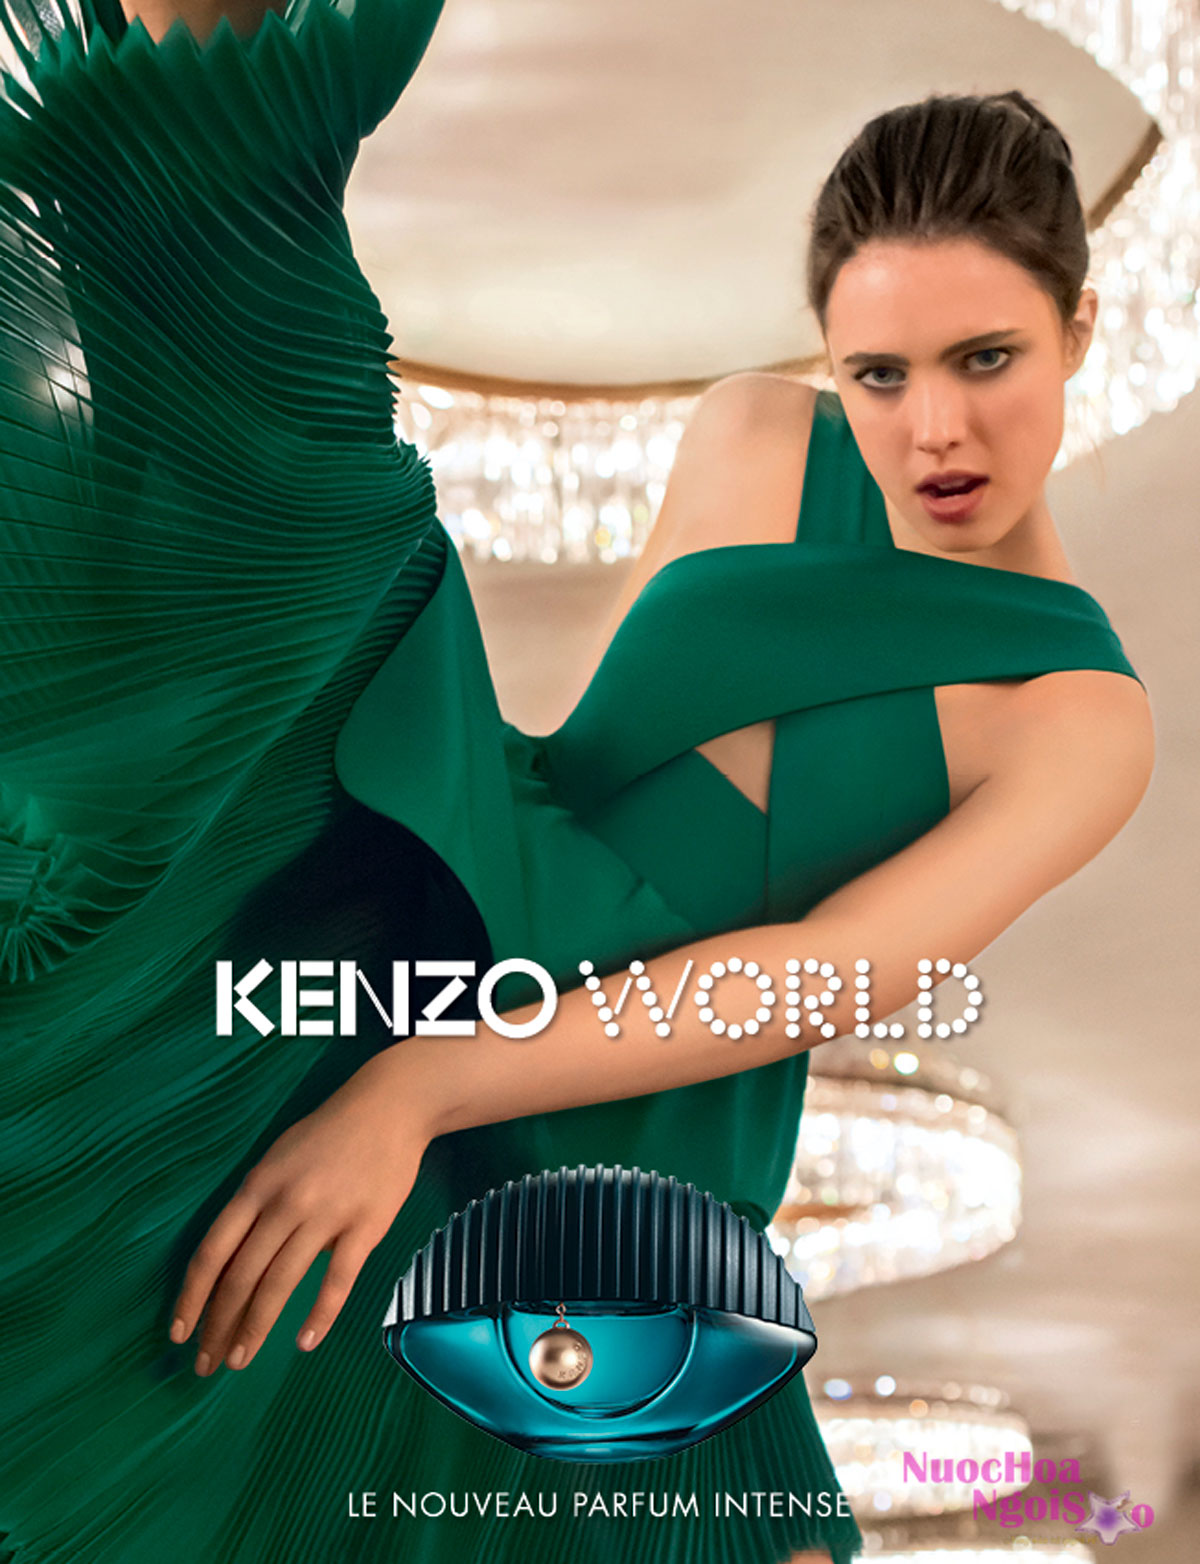 Kenzo World là nỗi khát khao cháy bỏng được thoát khỏi xã hội thượng lưu của một cô gái cá tính